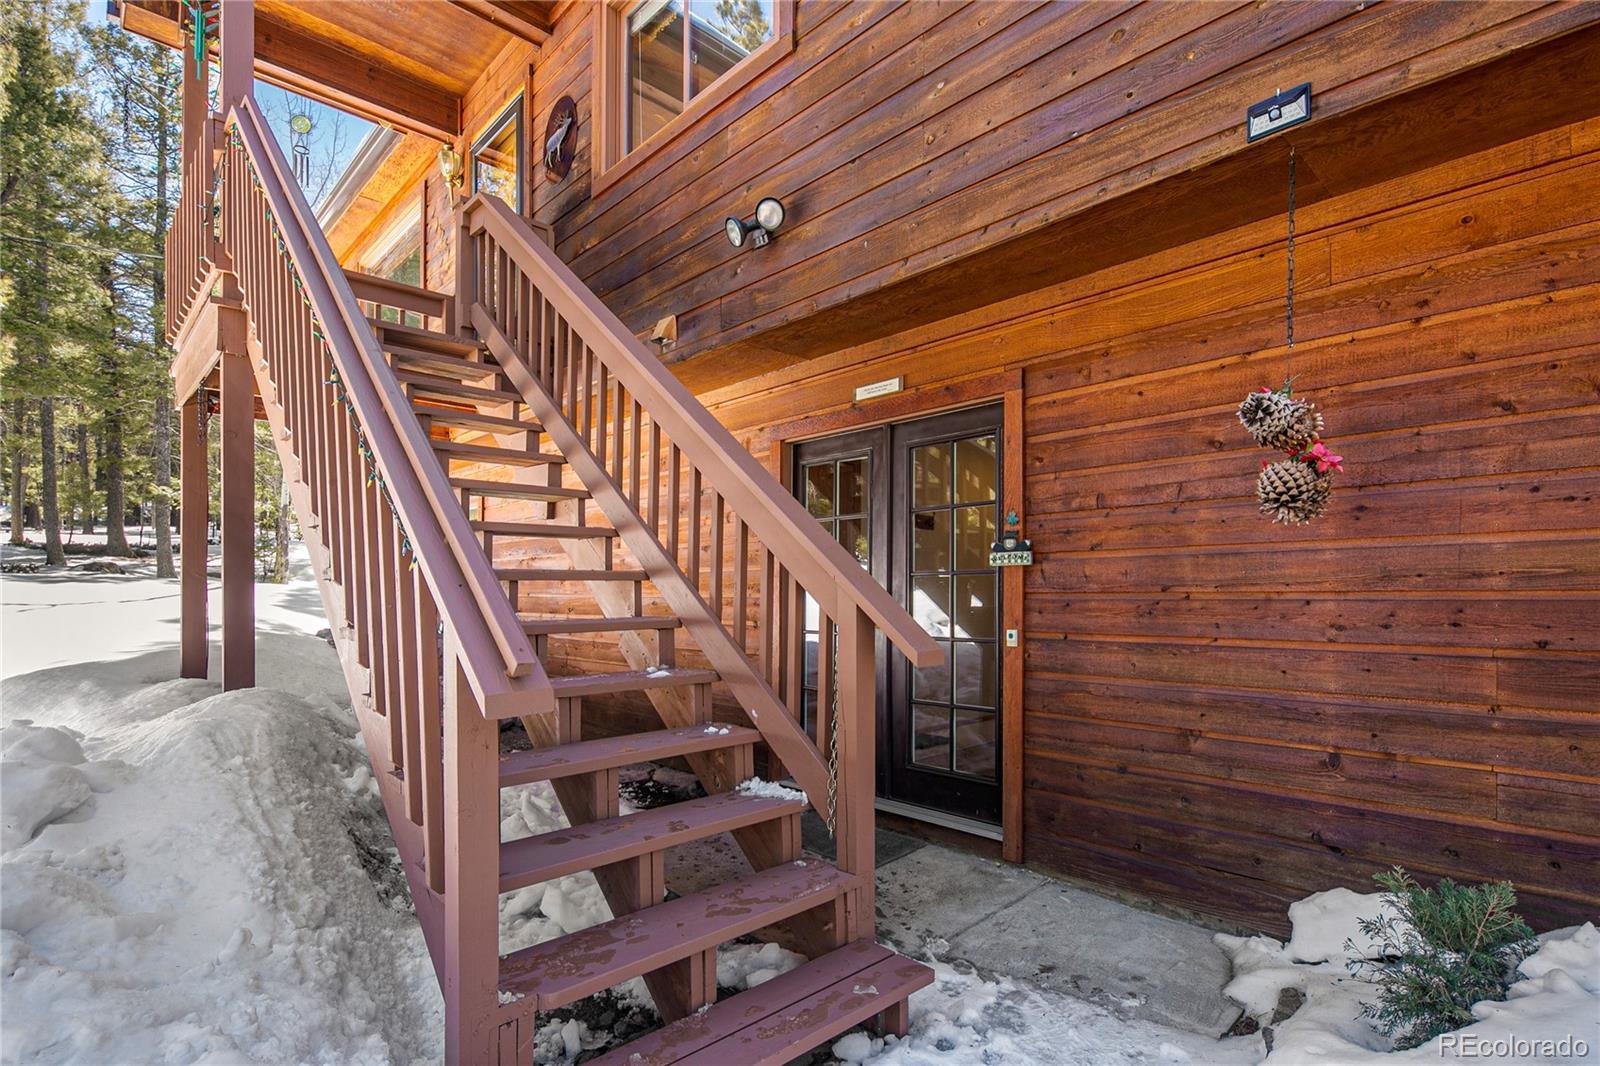 MLS# 3744542 - 9 - 13281 Callae Drive, Conifer, CO 80433